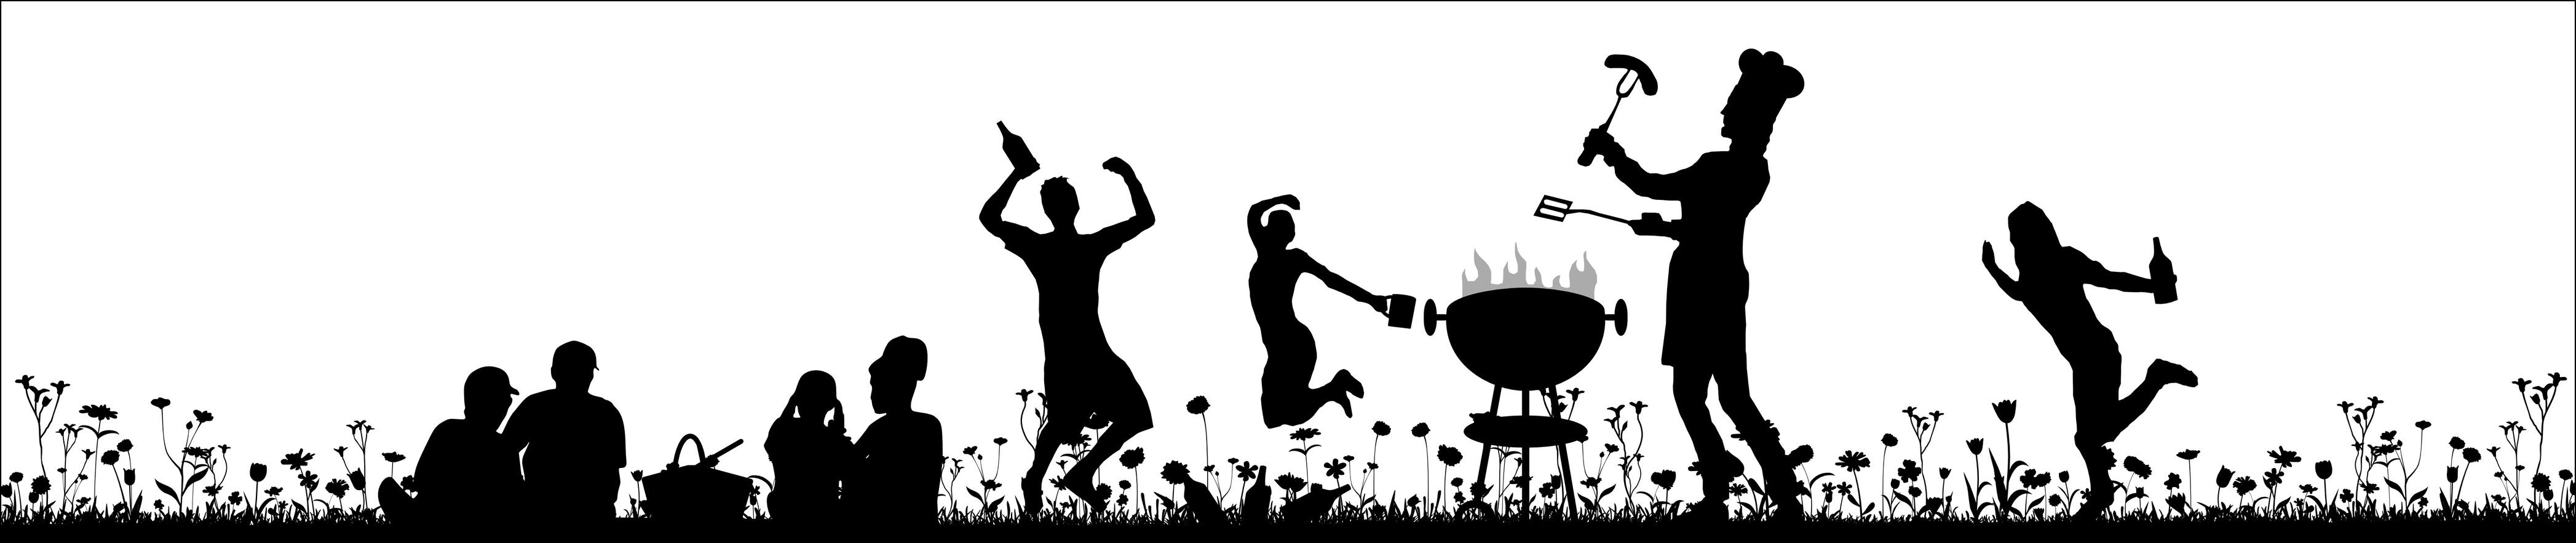 Einladung zum Sommerfest - Kreitl e.U.